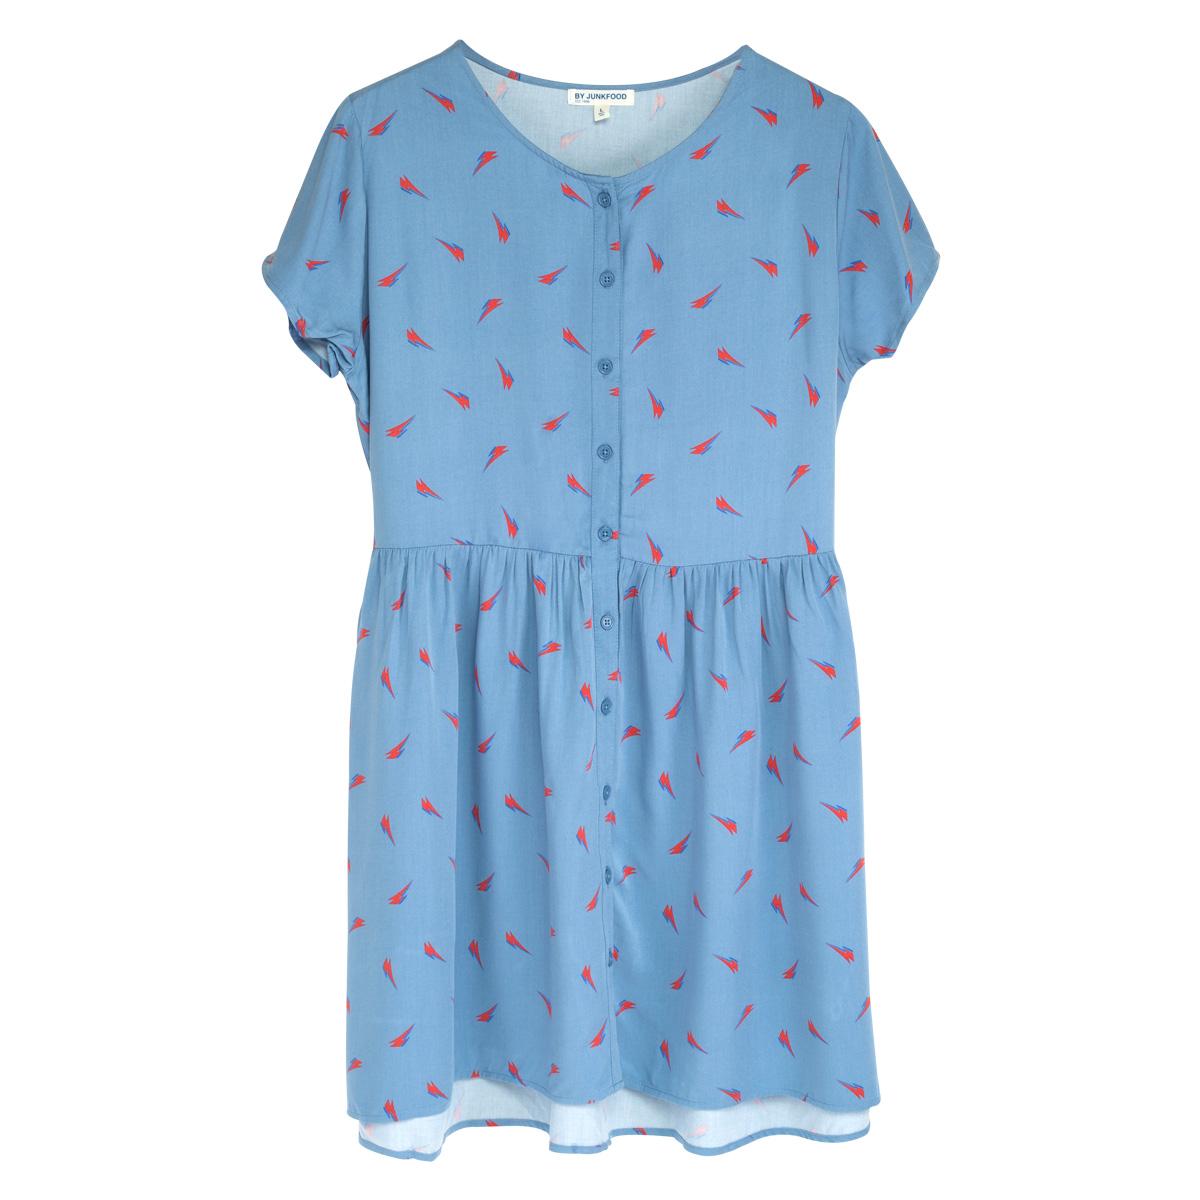 David Bowie Girls Blue Bolt Dress